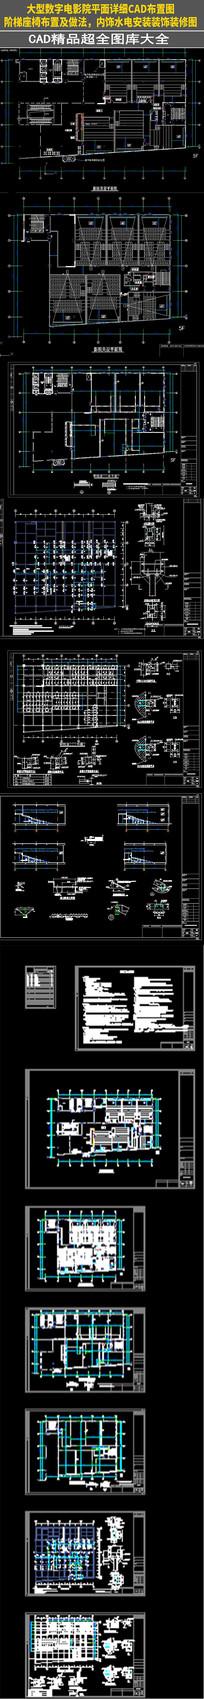 数字大型电影院平面详细cad布置图